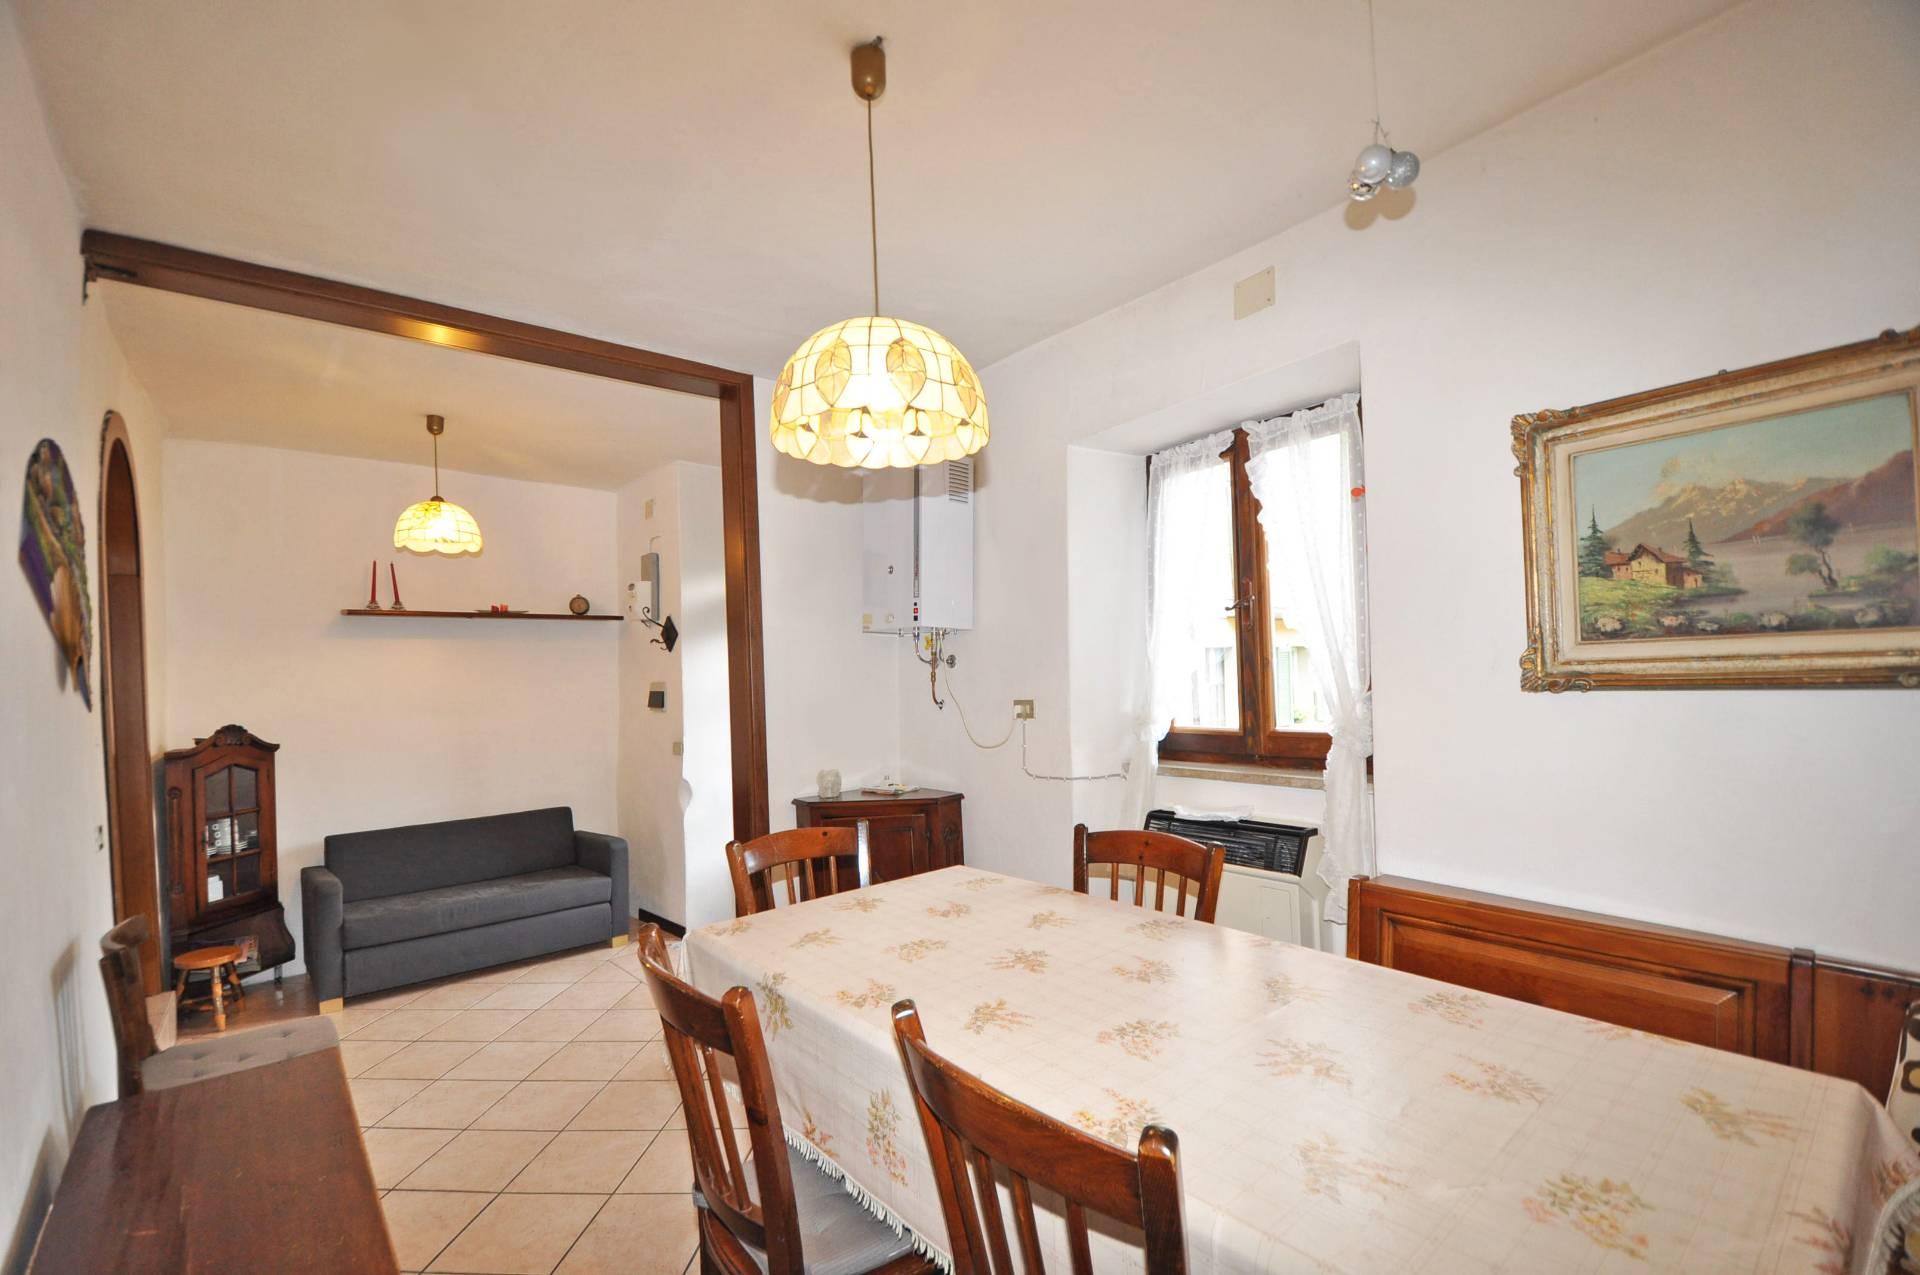 Appartamento in vendita a Ornica, 5 locali, prezzo € 59.000 | CambioCasa.it